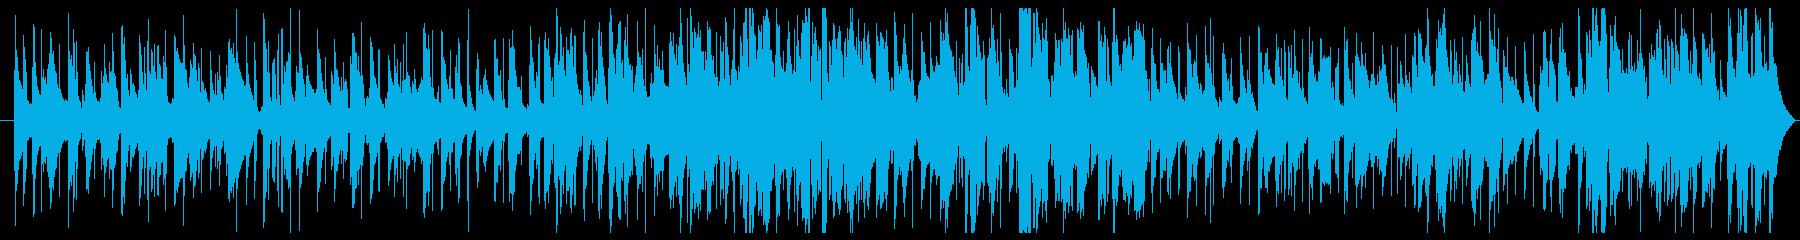 心地良い大人な雰囲気のスタンダードジャズの再生済みの波形